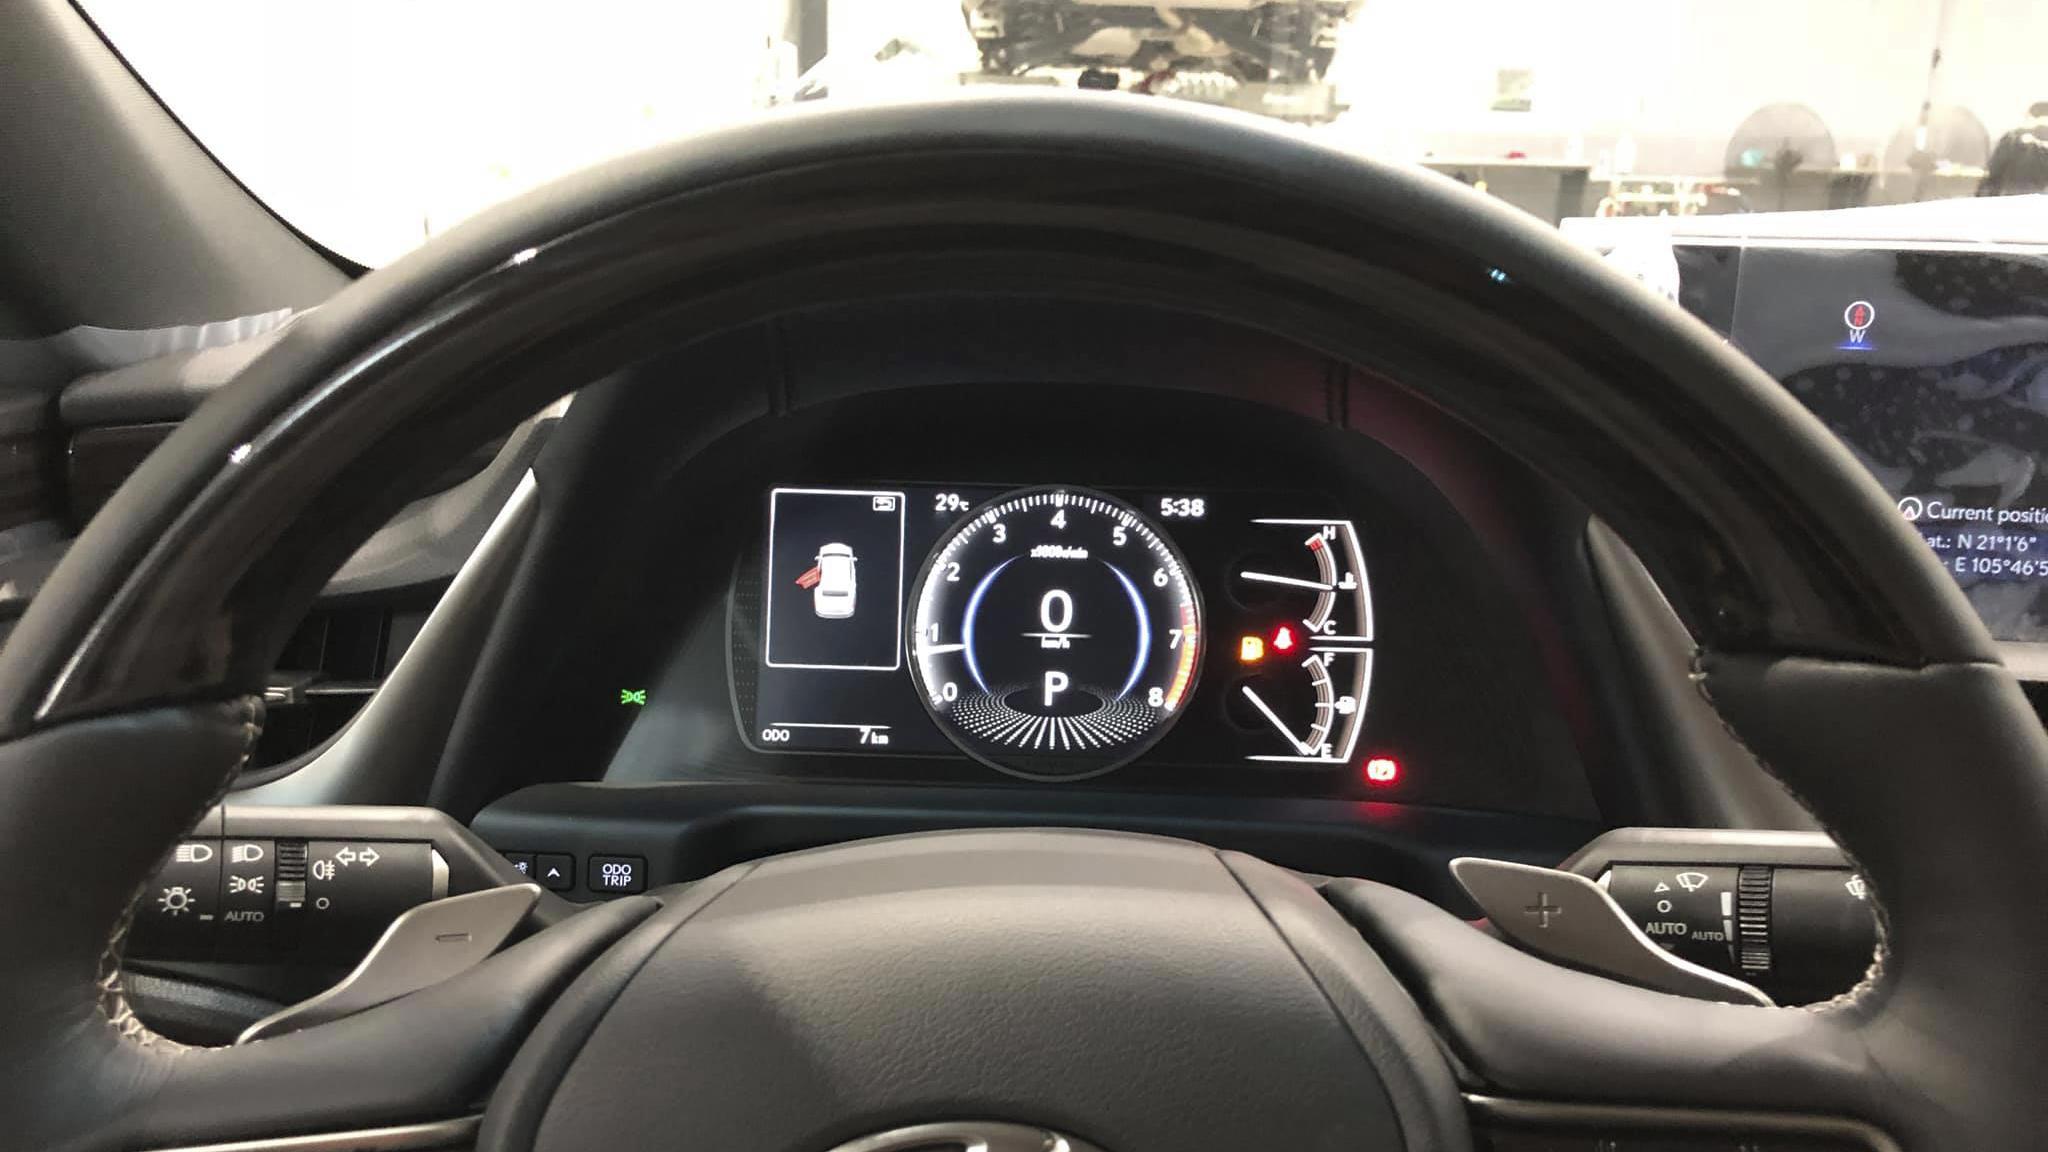 Đồng hồ hiển thị trên Lexus ES 250 2019